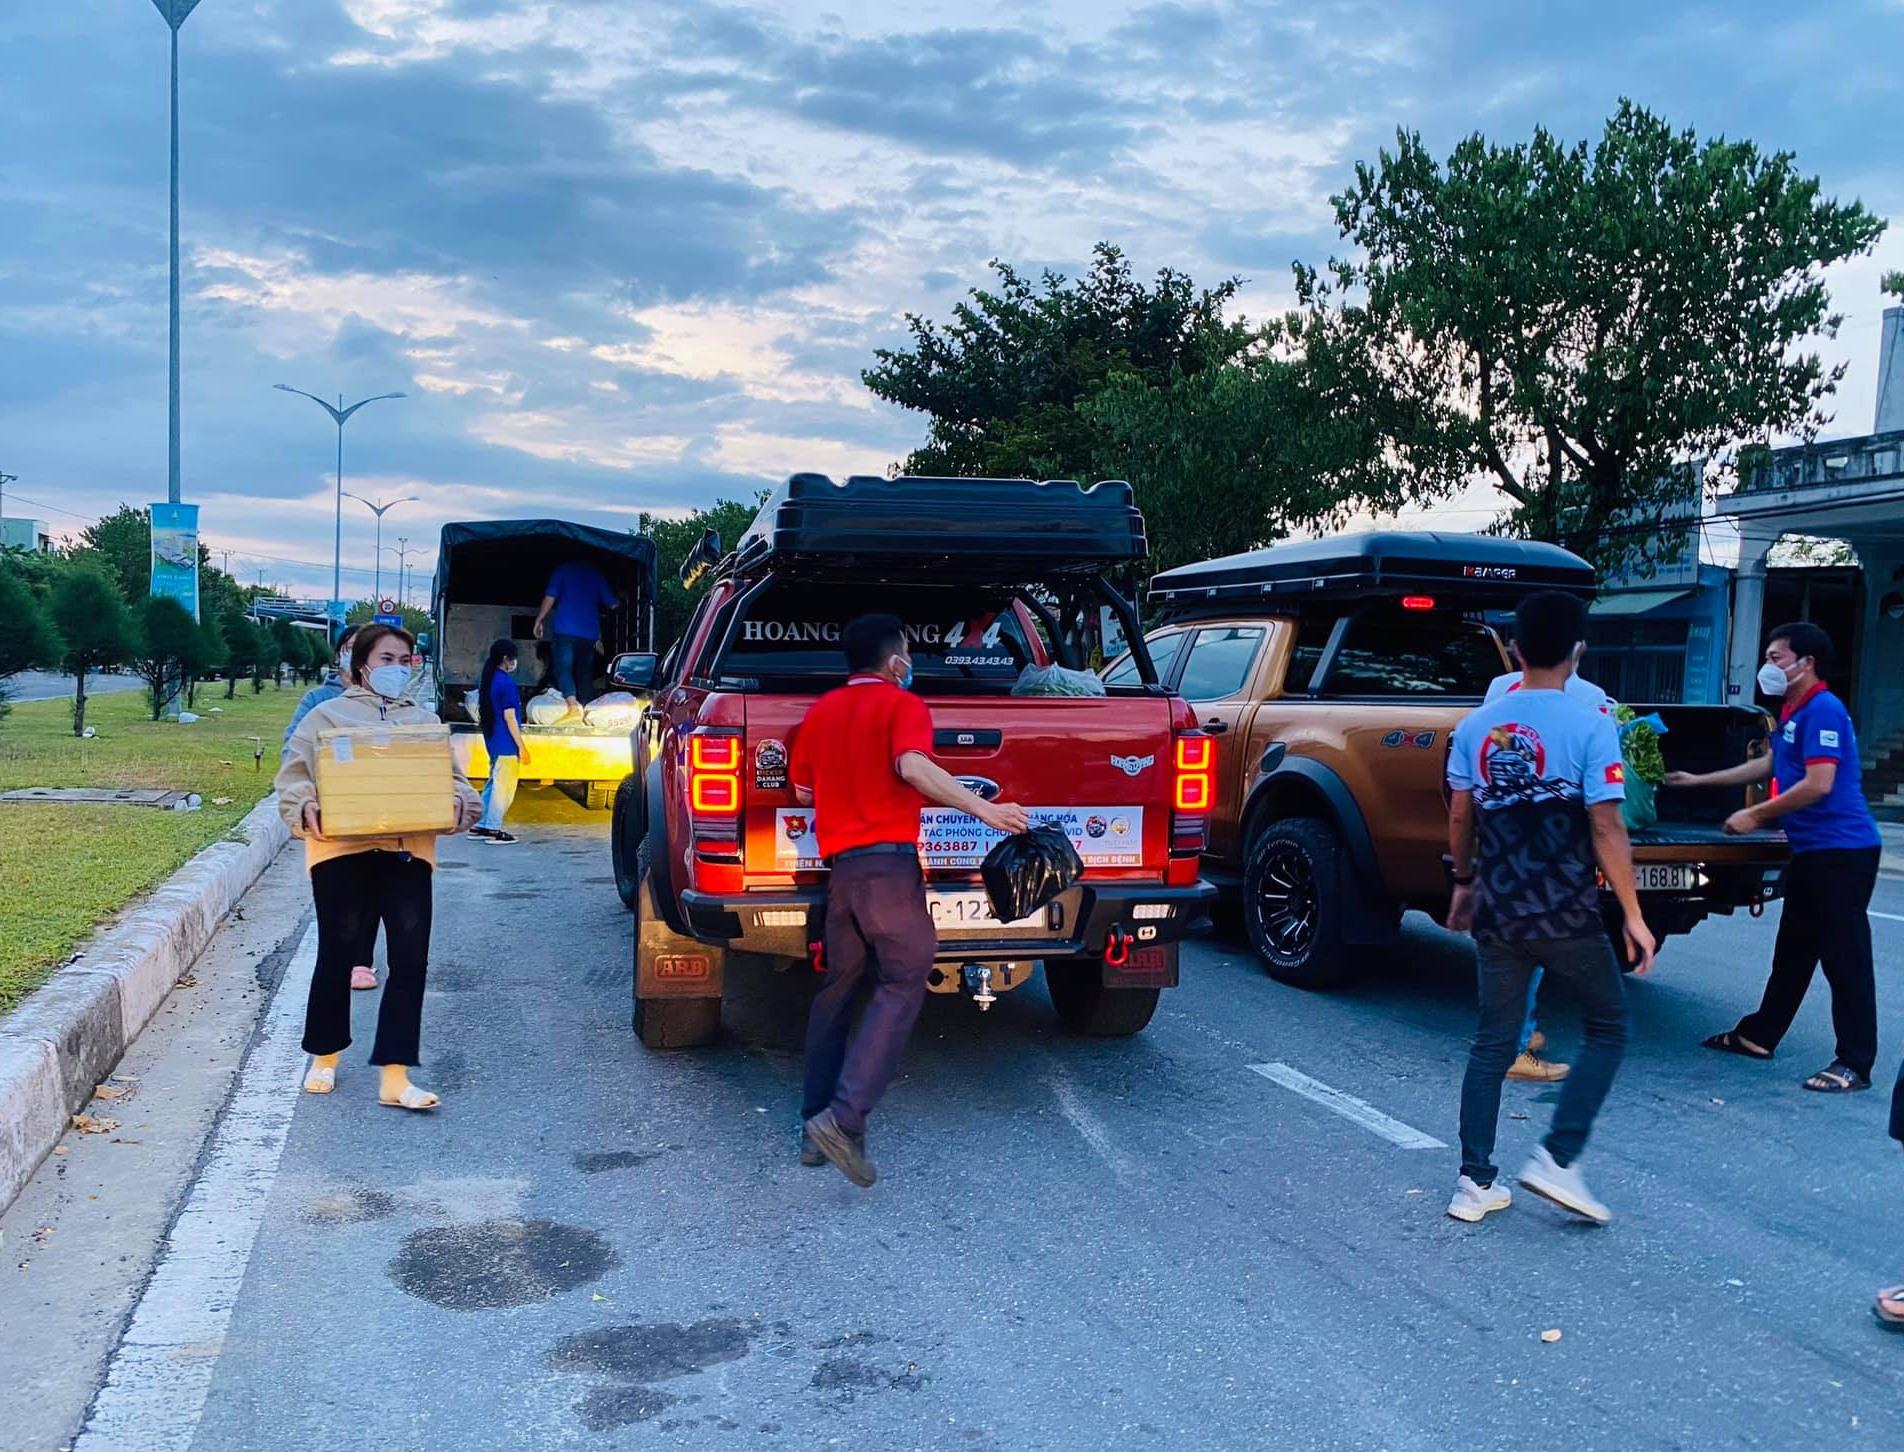 Đoàn viên thanh niên chất hàng hóa lên xe, chuẩn bị chuyển ra Đà Nẵng. Ảnh: N.Trang